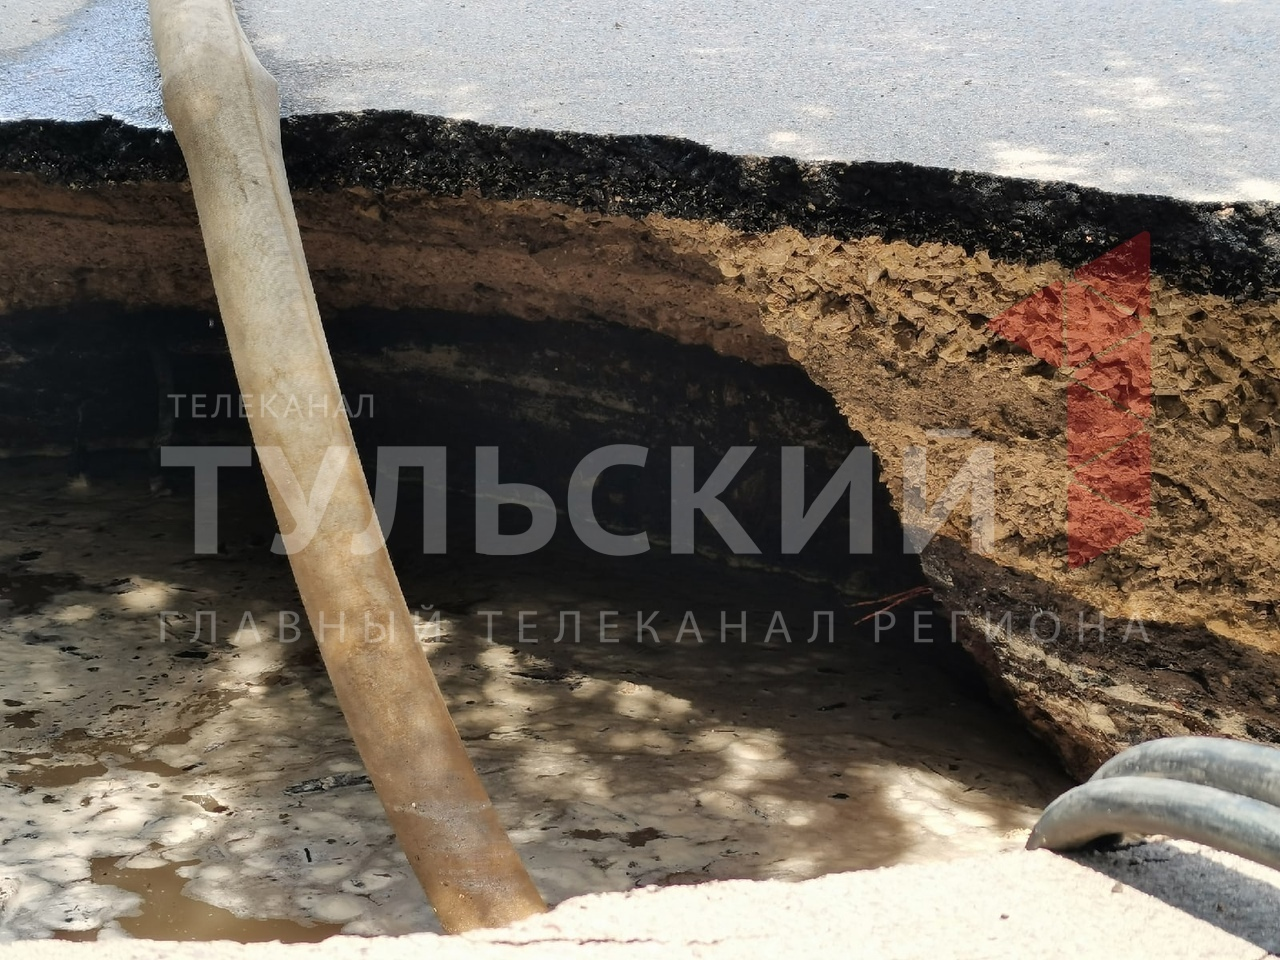 В Туле на улице Верхняя Краснослободская образовалась новая яма